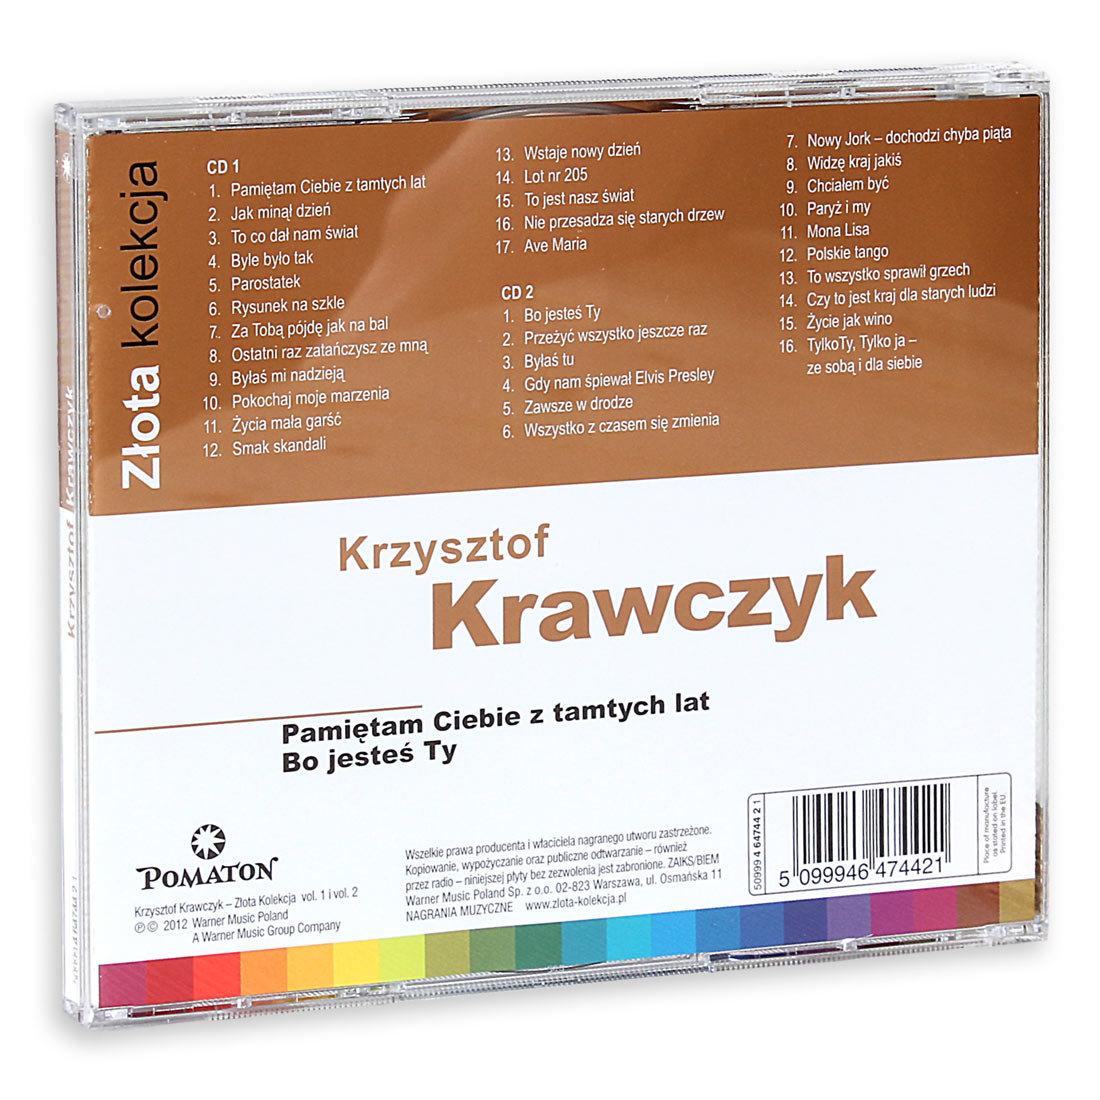 Zlota Kolekcja Pamietam Ciebie Z Tamtych Lat Bo Jestes Ty Krawczyk Krzysztof Muzyka Sklep Empik Com